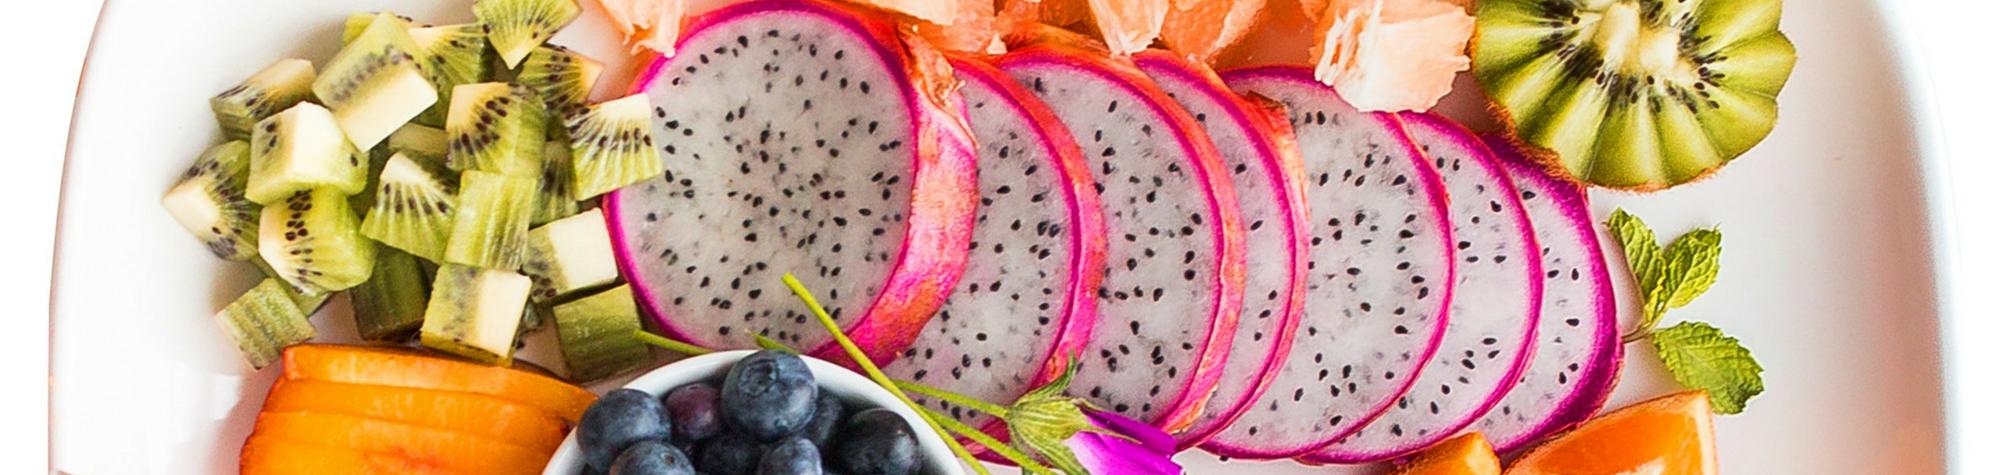 5 trucs efficaces pour maigrir sainement